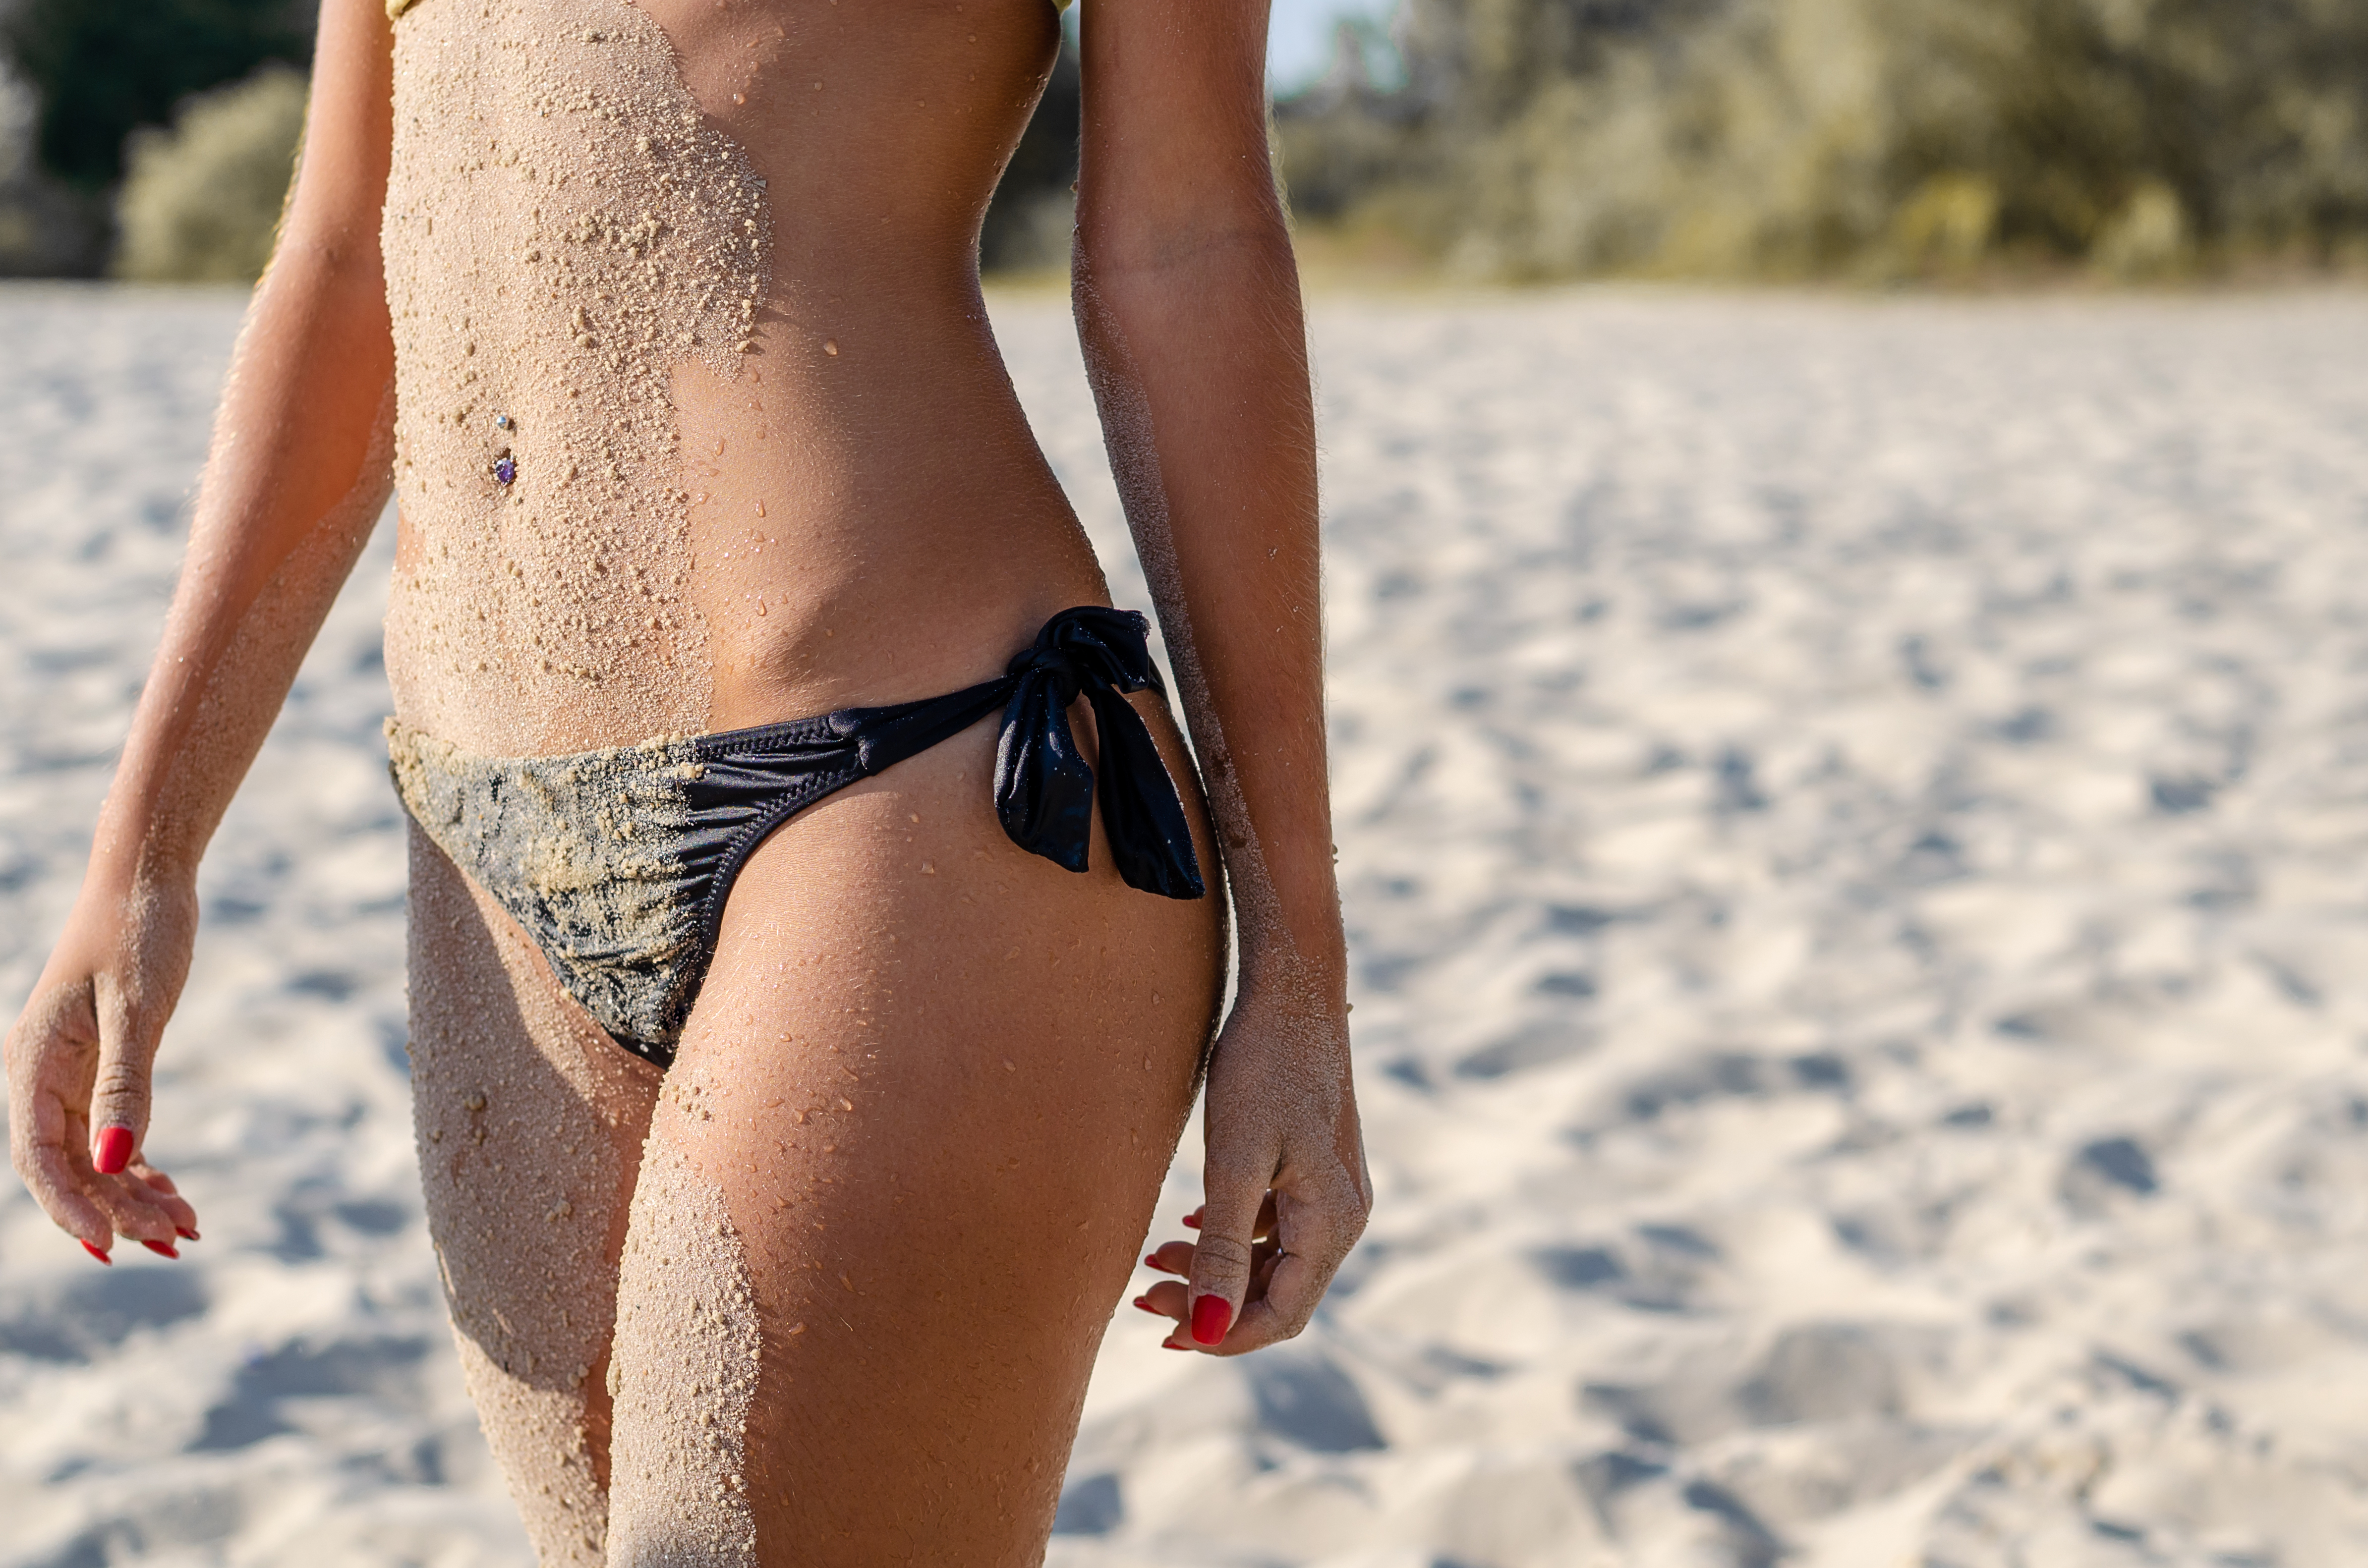 Golenie miejsc intymnych i waginy u dziewczyn - poradnik